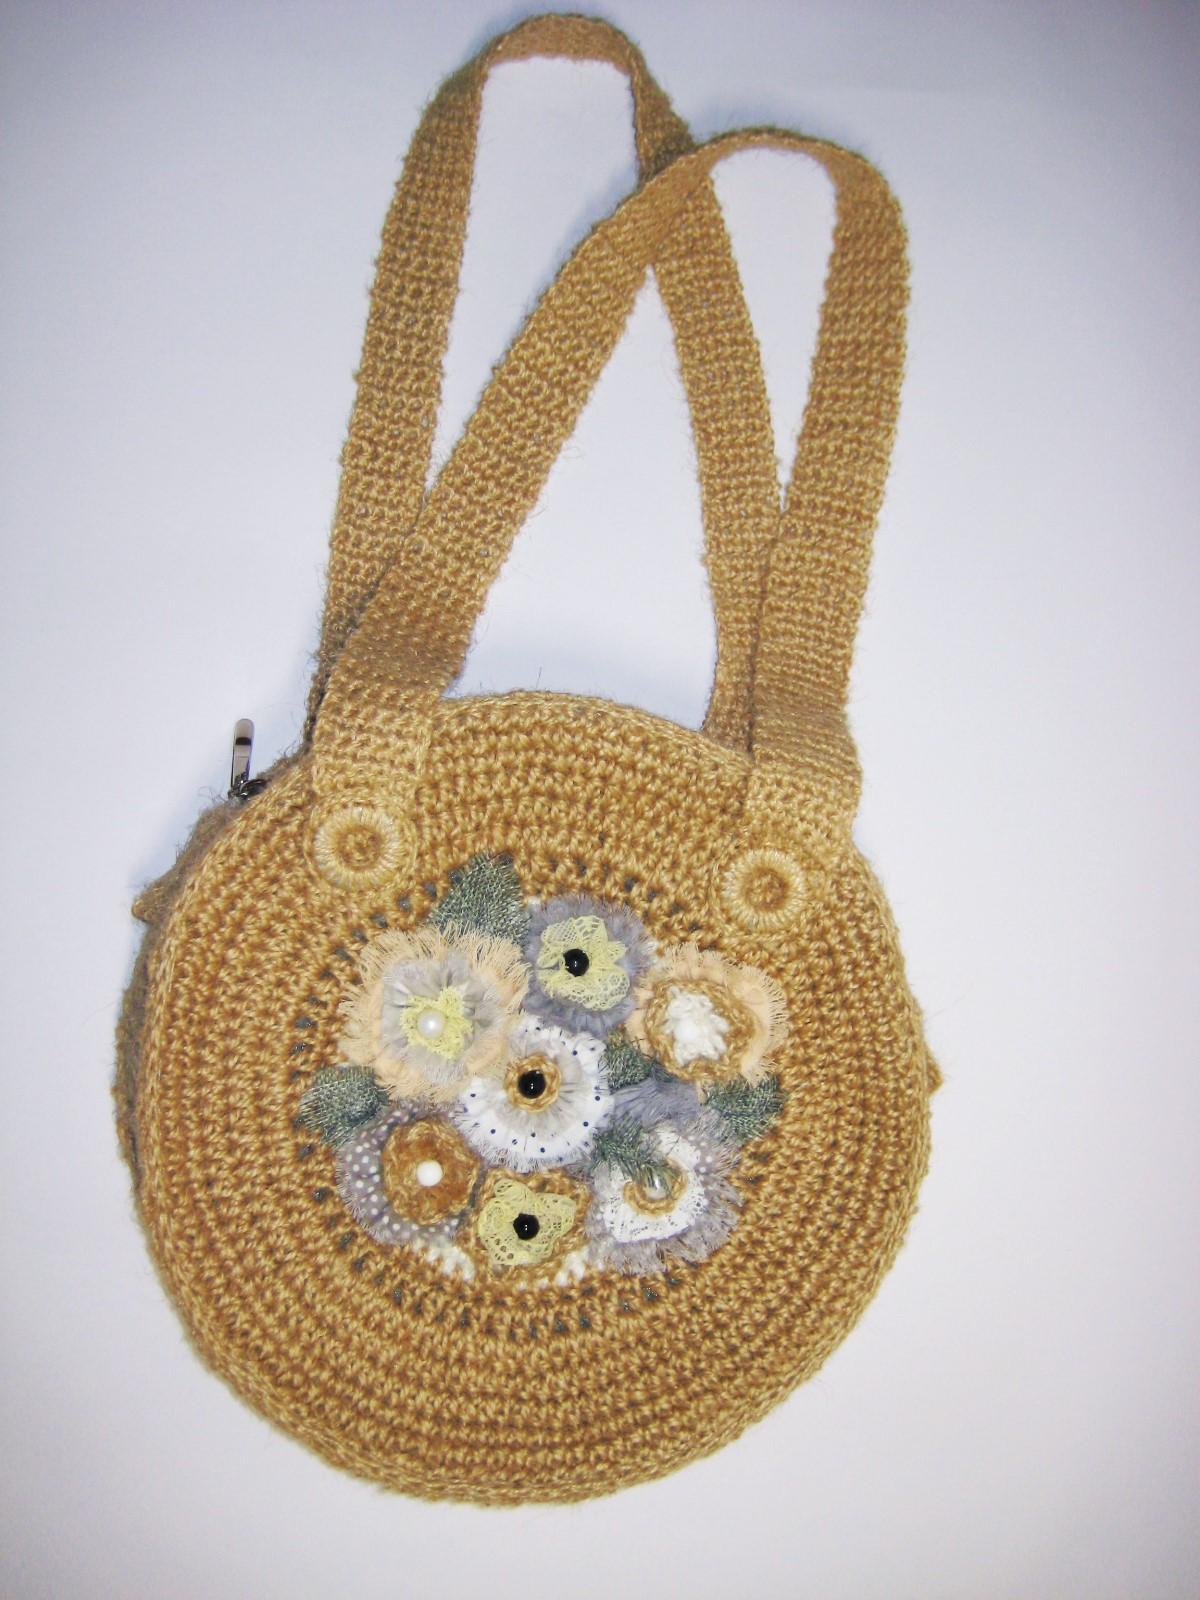 6cb5bde39b48 сумка бохо, сумка женская, сумка весна-лето 2019, сумка тренд 2019, модная  сумка, сумка вязаная, сумки из джута